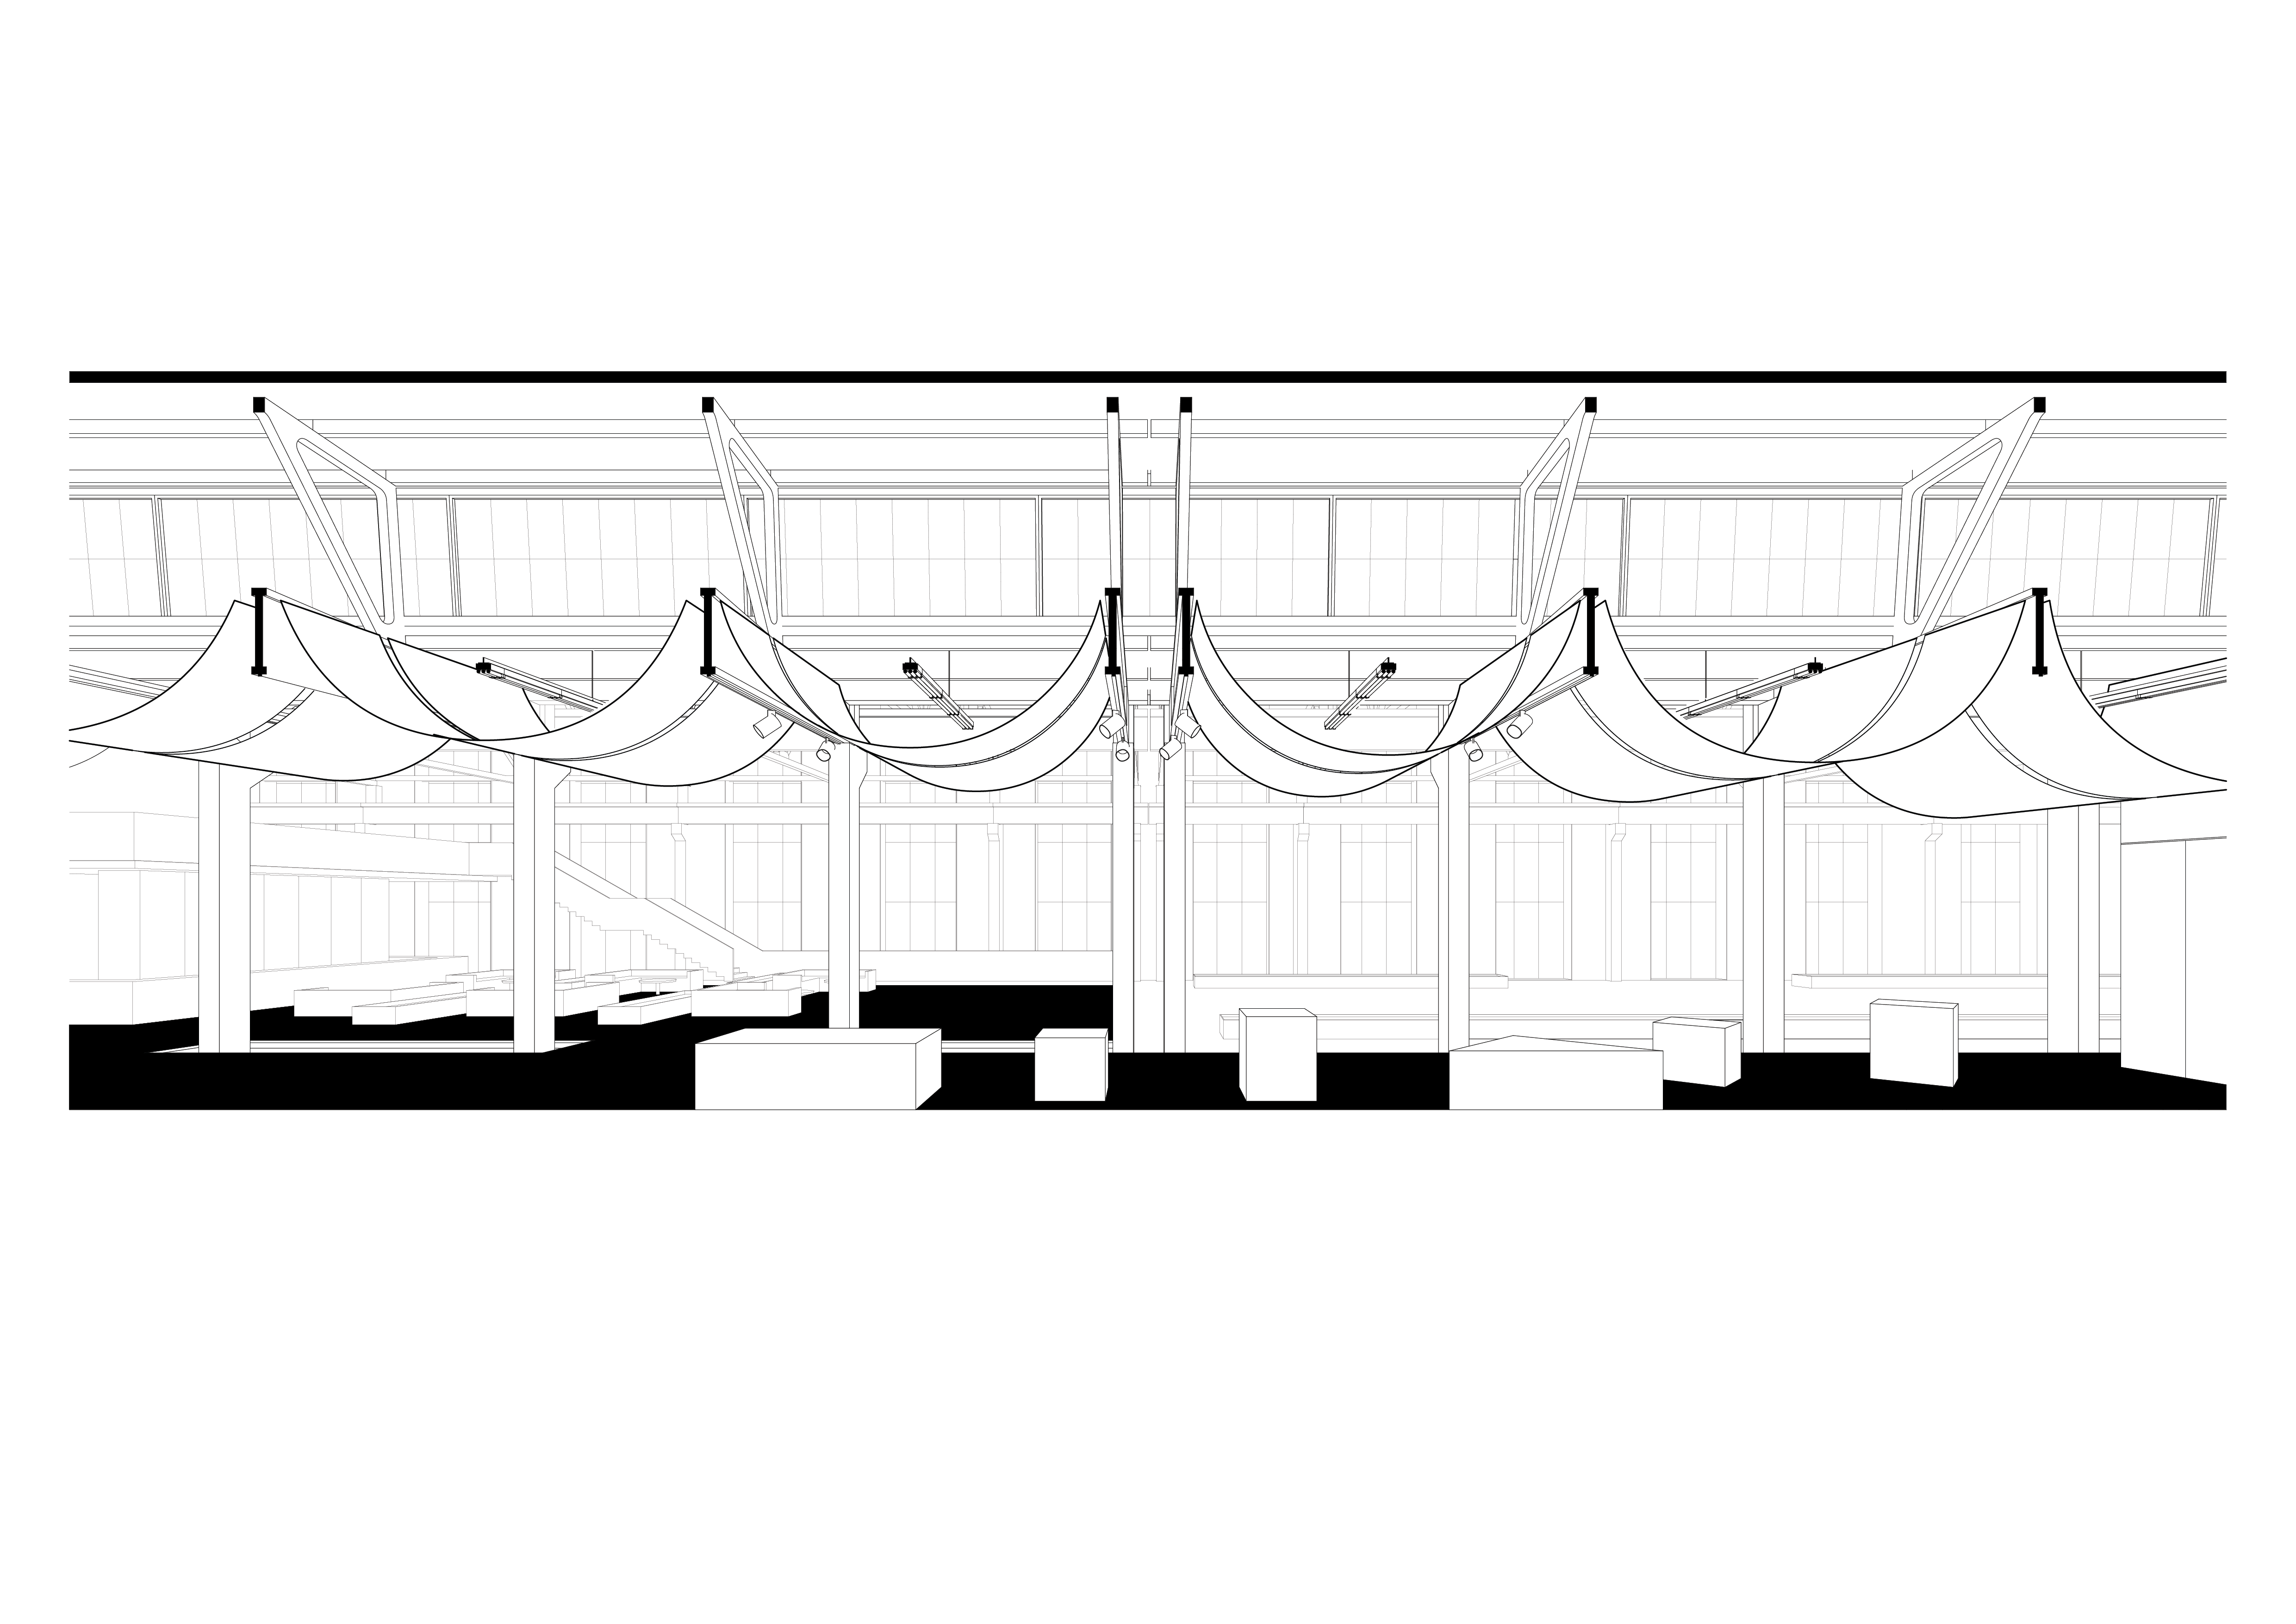 <p>Doorsnede- Re-veil, Changzhi – Superimpose</p>